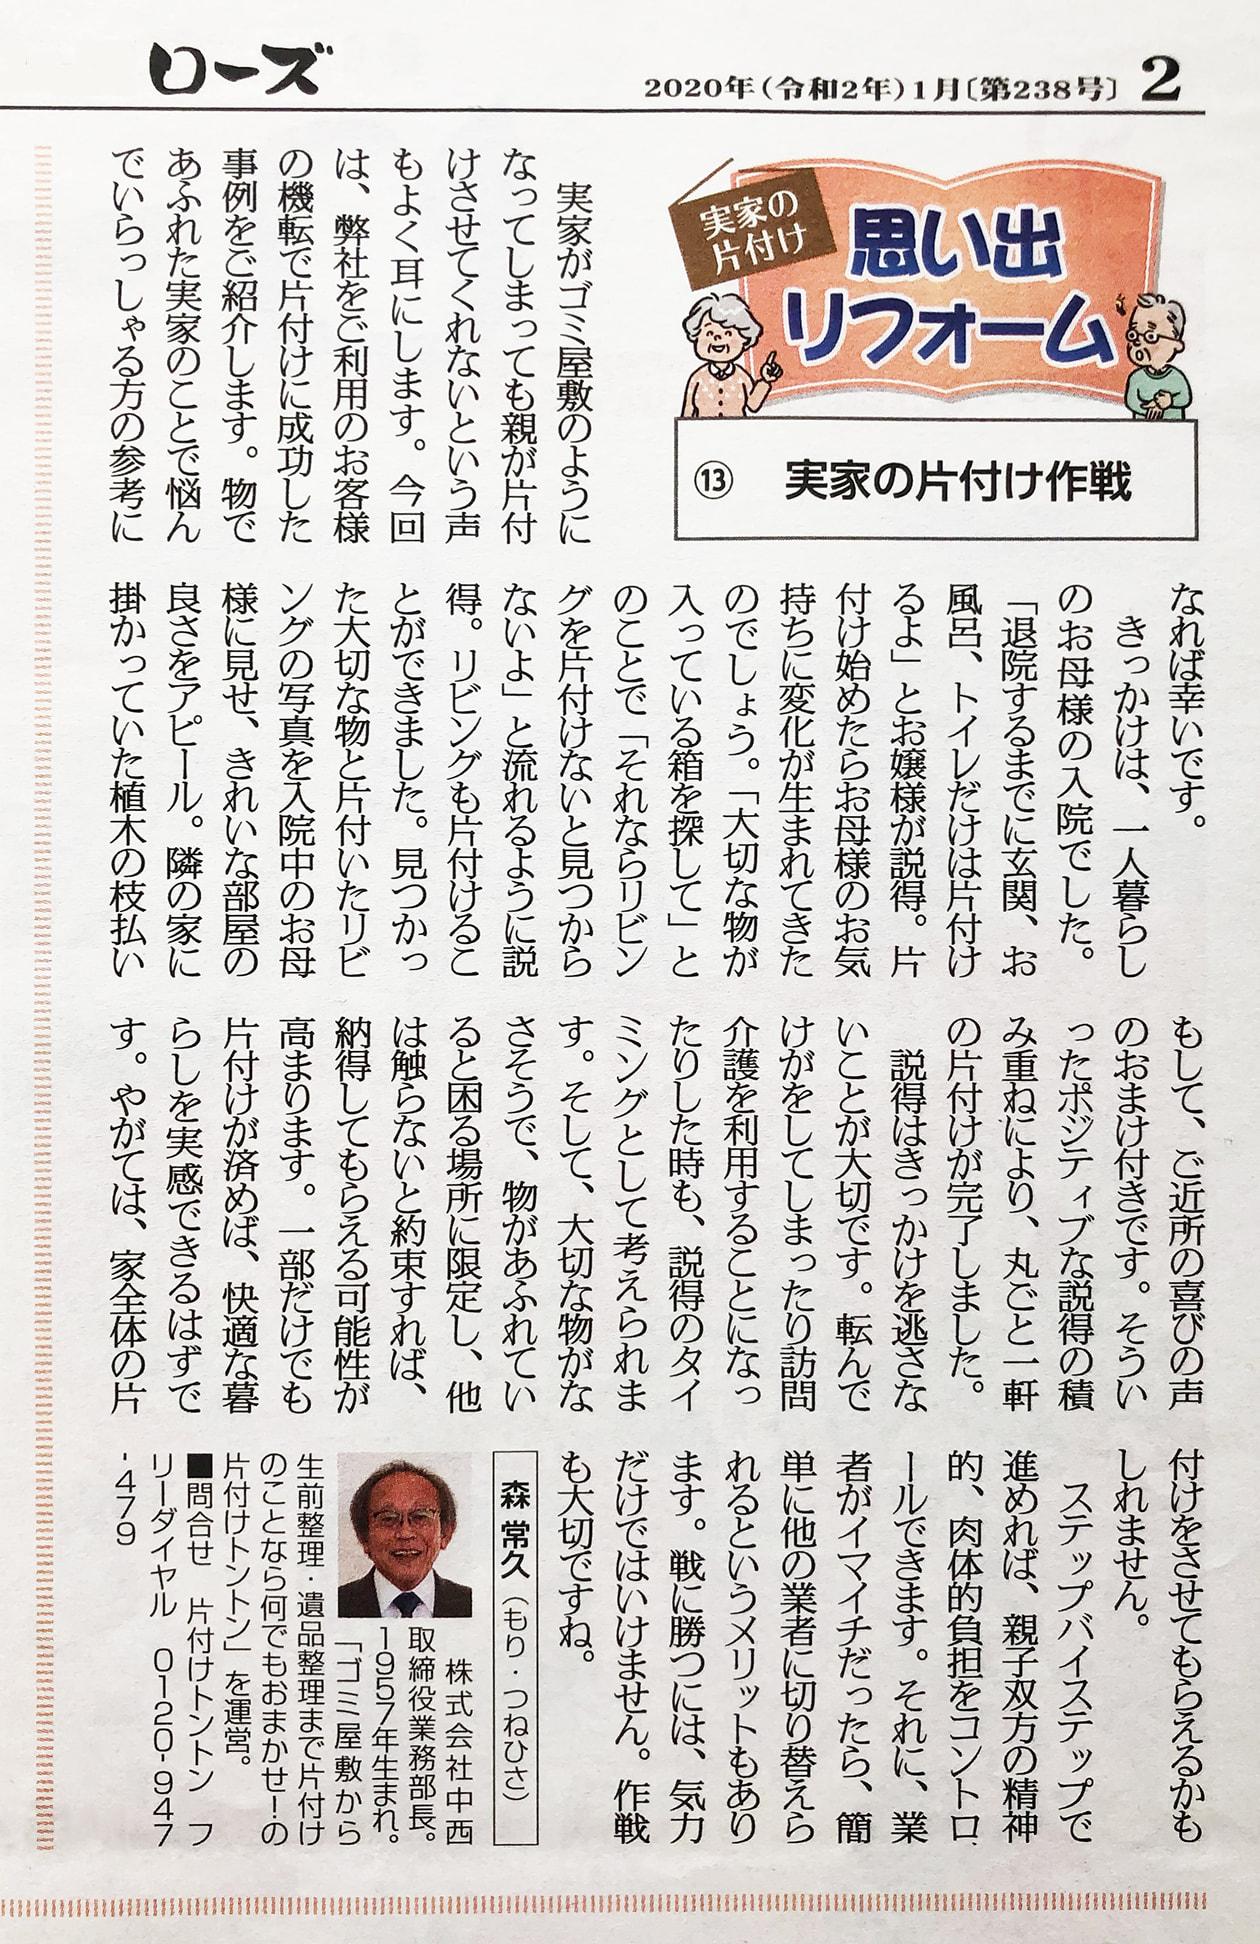 中日新聞朝刊折込 シニア情報紙『ローズ』2020年1月号の写真